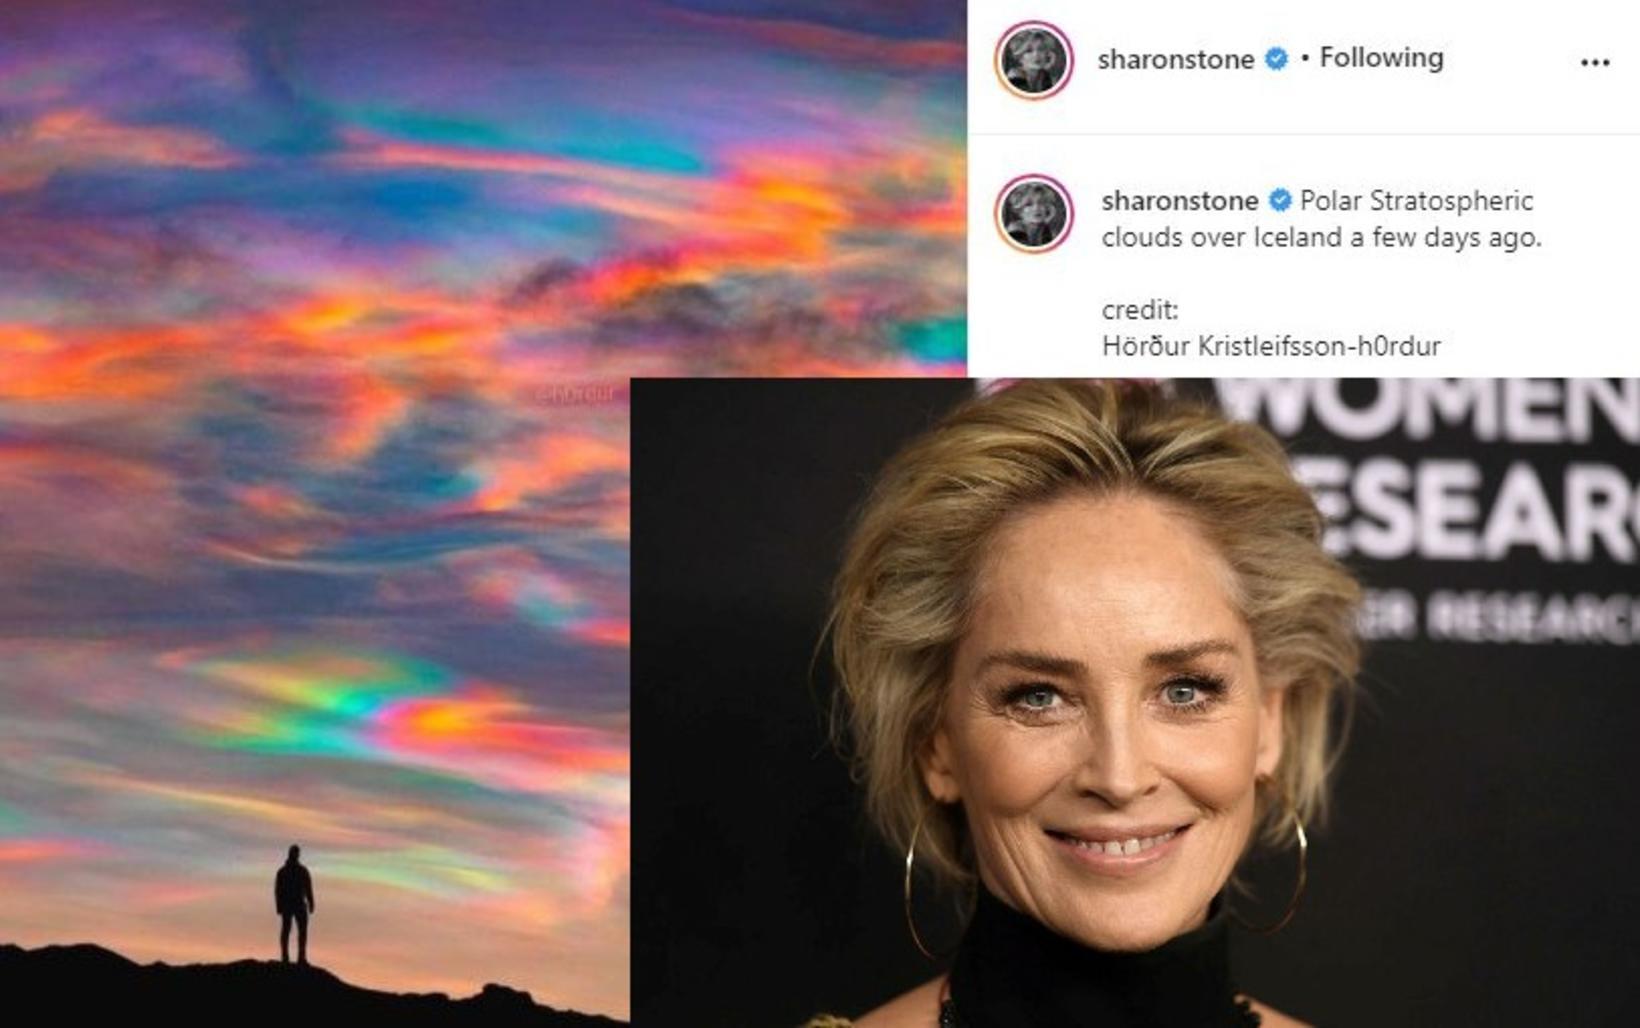 Sharon Stone deildi ljósmynd Harðar Kristleifssonar á Instagram-síðu sinni.